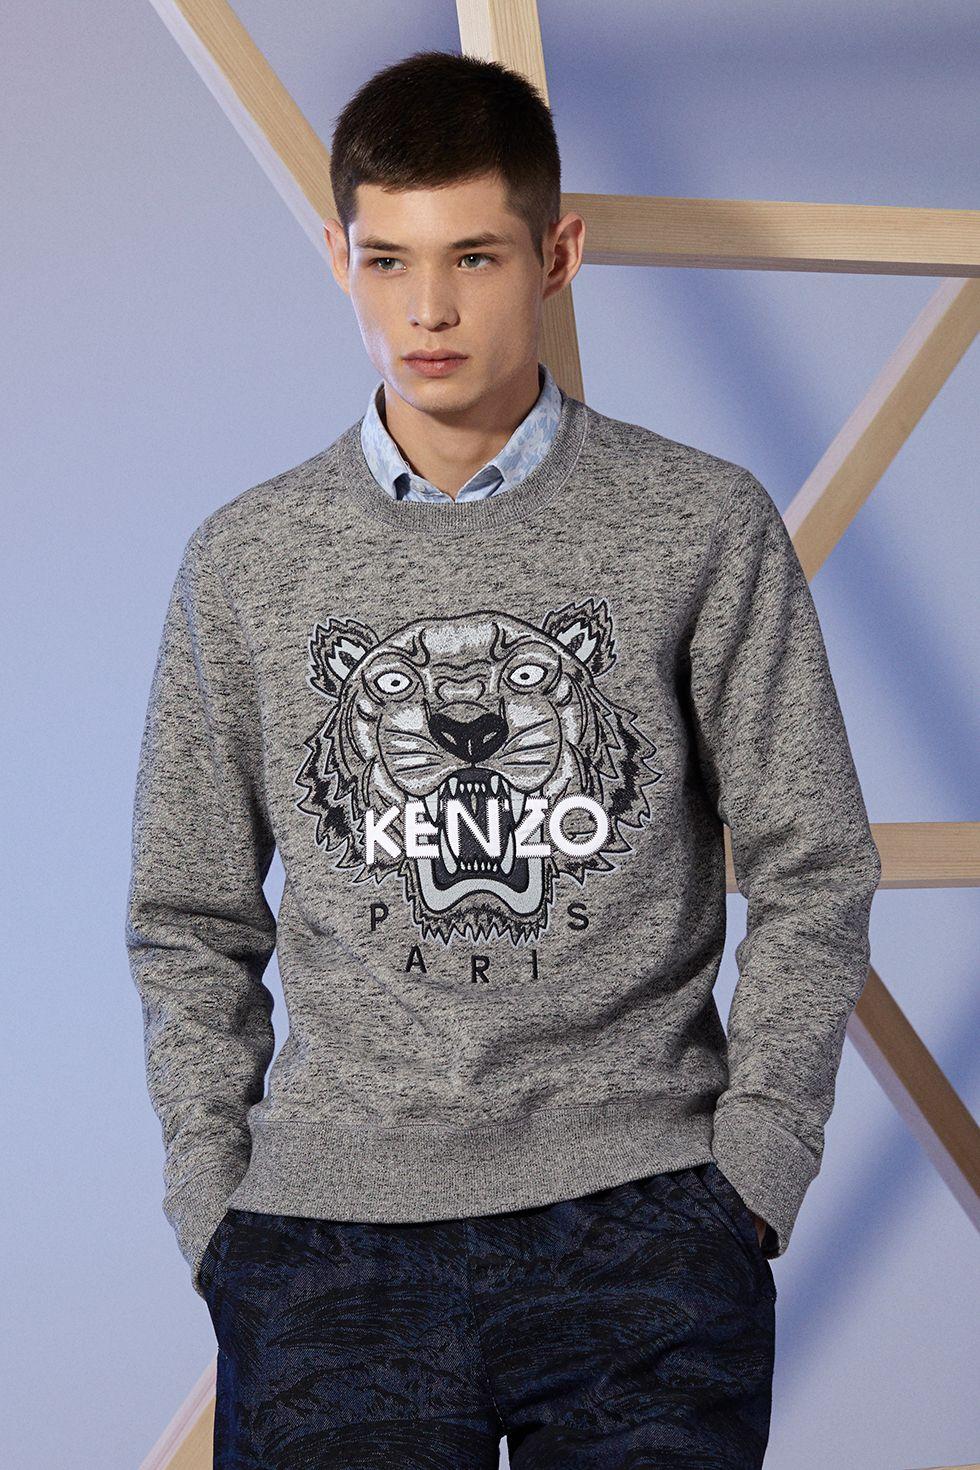 b2209286c7a Sweat-shirt Tiger Kenzo - PRINTEMPS ÉTÉ 2014 Kenzo Homme - E-Shop Kenzo